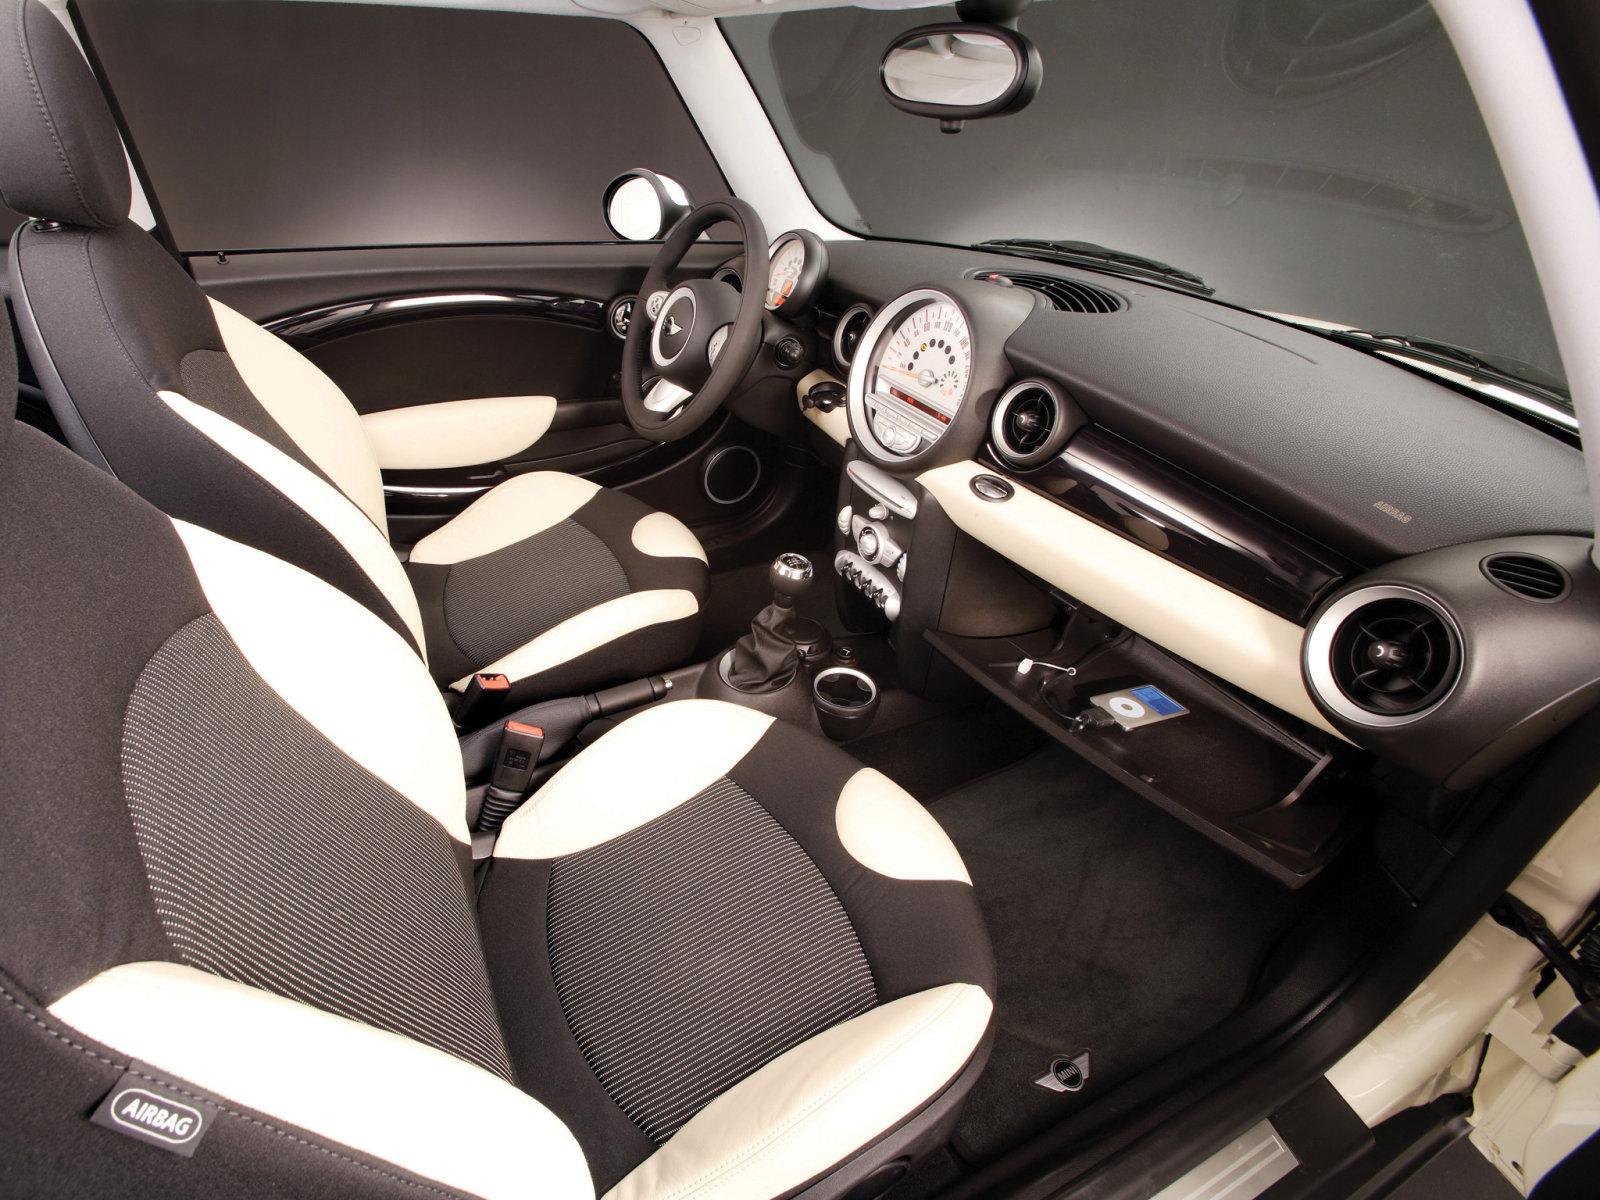 Mini_Cooper_Hatchback%203%20door_2008.jp